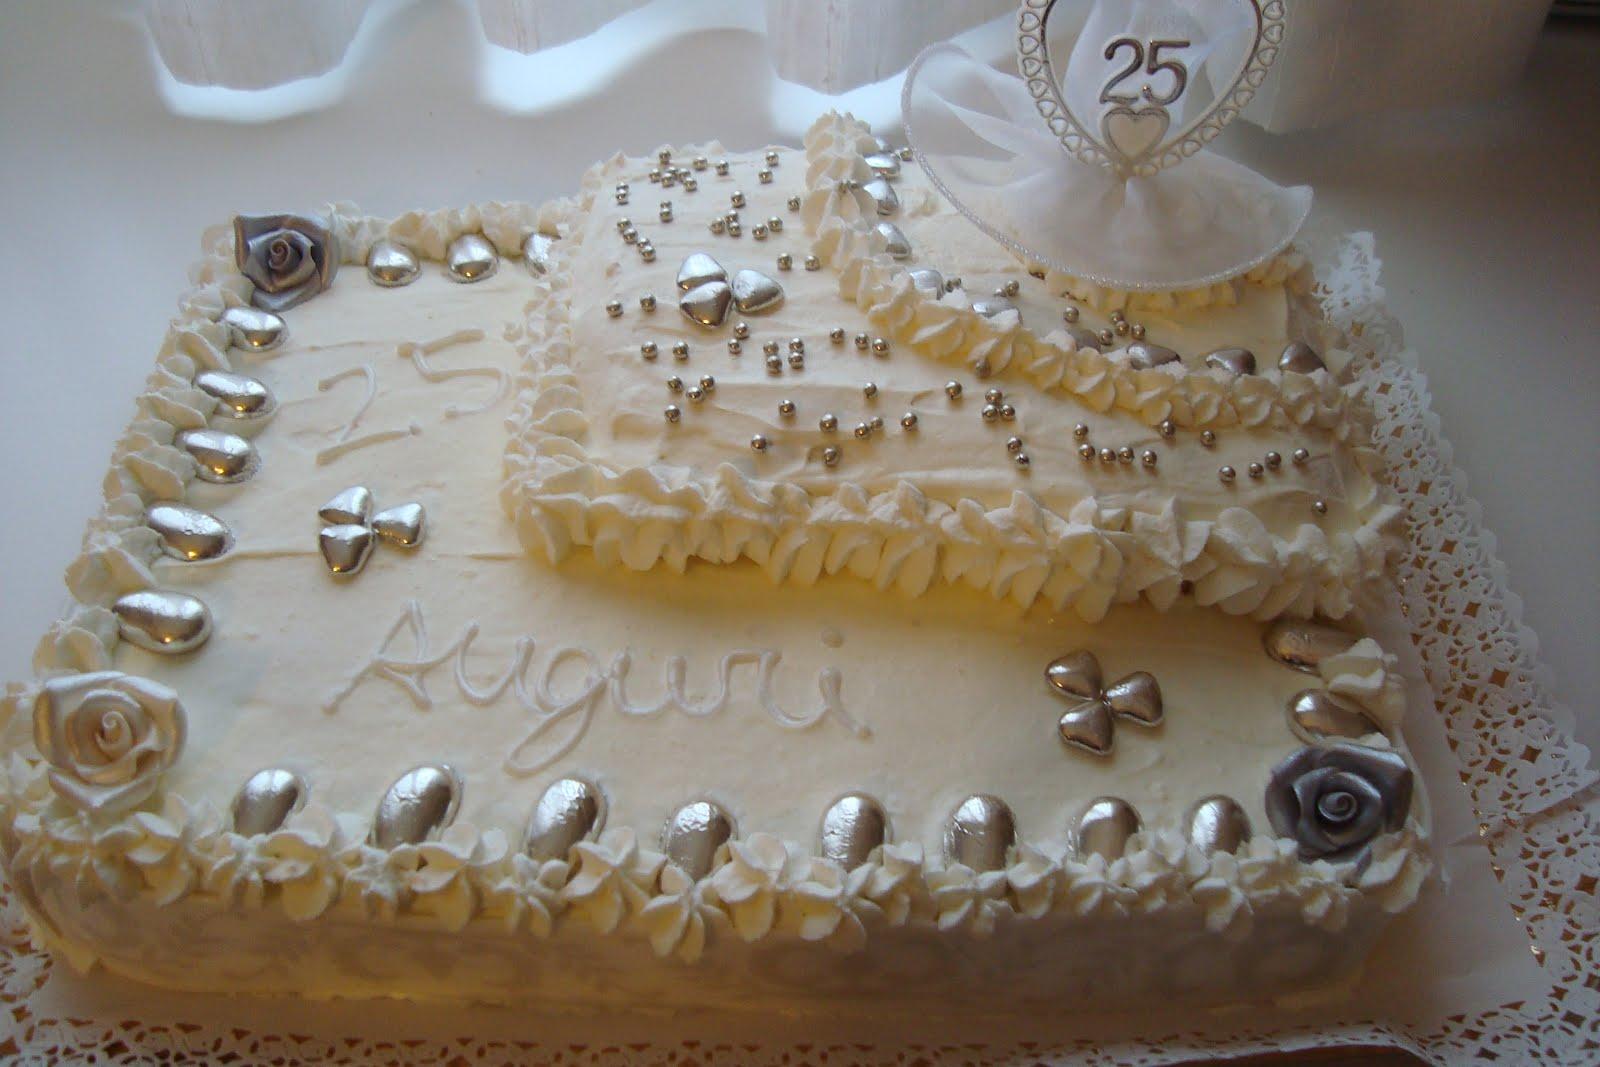 La mia amata cucina aprile 2012 for Decorazione torte per 50 anni di matrimonio